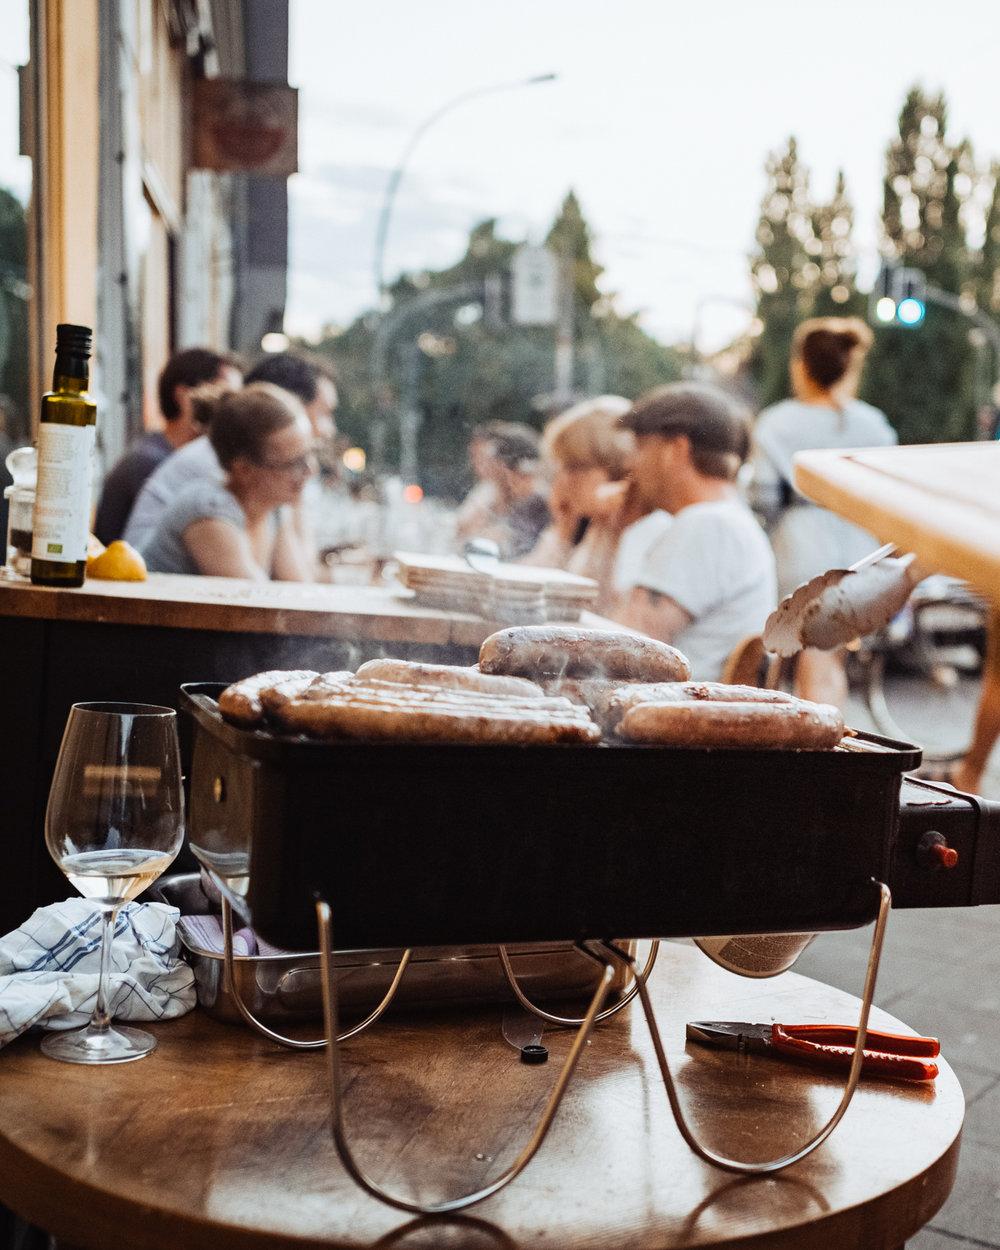 EIN KULINARISCHER BBQ-ABEND mitVOM EINFACHEN DAS GUTE - Bratwürste, Iberico Rippchen, Flanksteaks und was man noch so auf den Grill schmeißen kann. Ein bisschen Salat. Dazu Wein und Bier. Einfach. Gut. Den Sommer zusammen genießen...